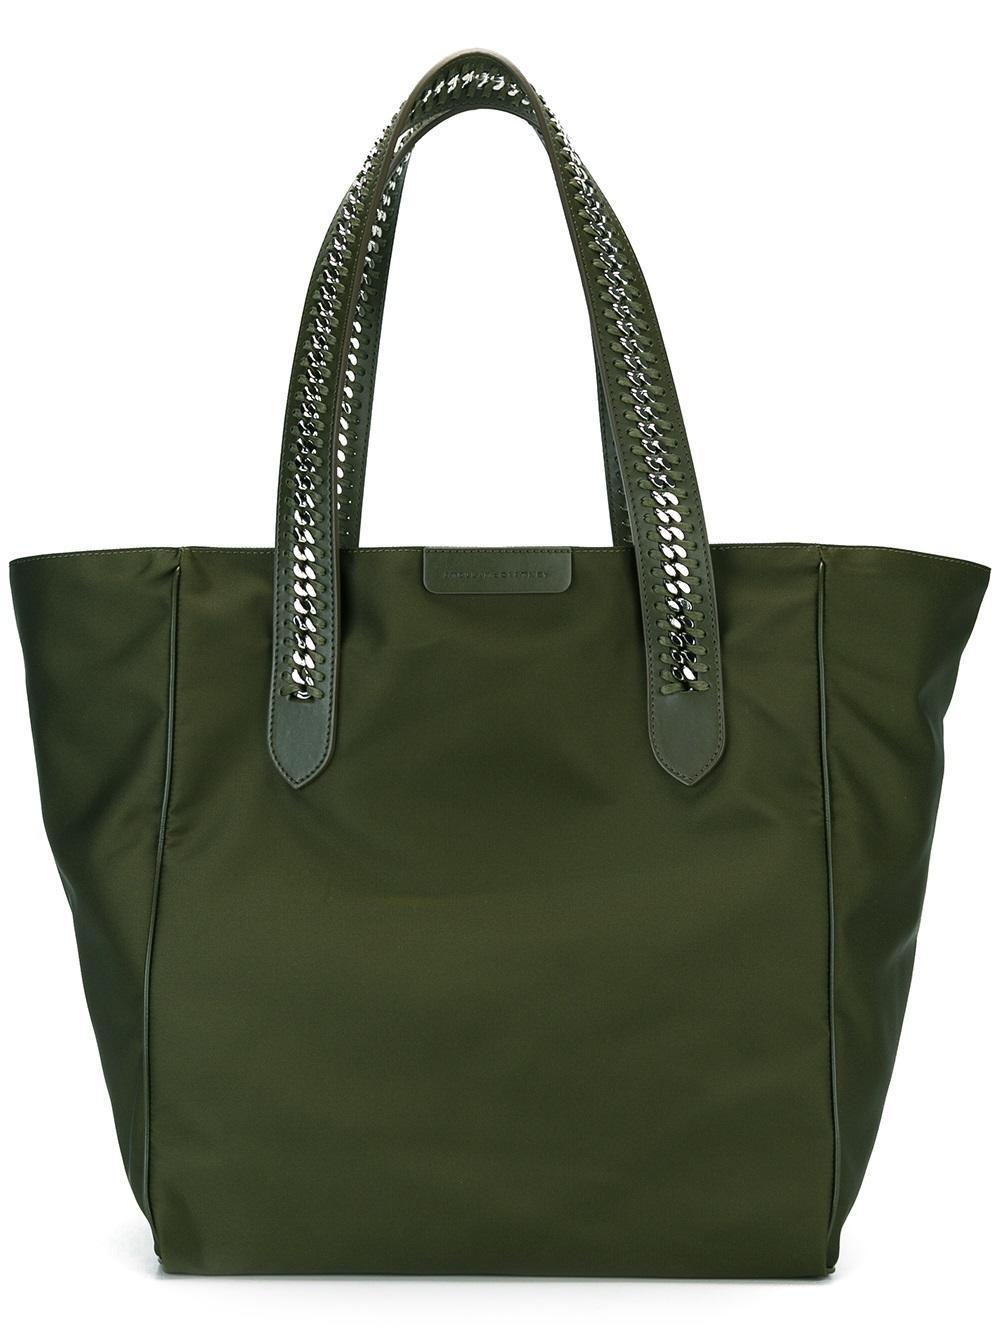 lyst stella mccartney falabella go shoulder bag in green. Black Bedroom Furniture Sets. Home Design Ideas